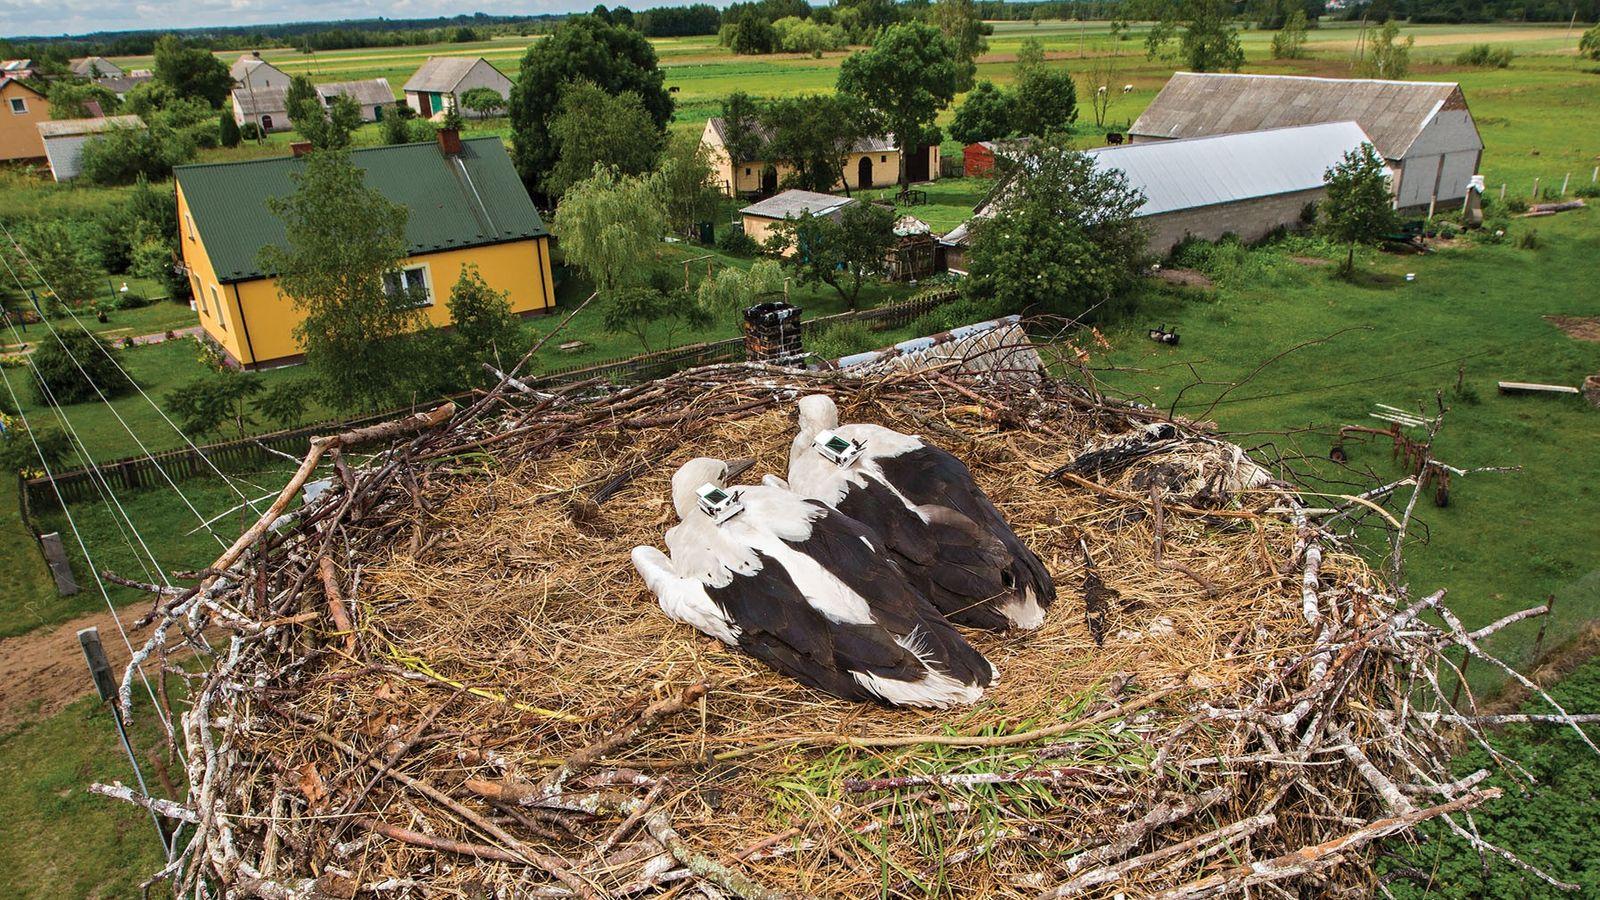 embarque-aves-terremotos